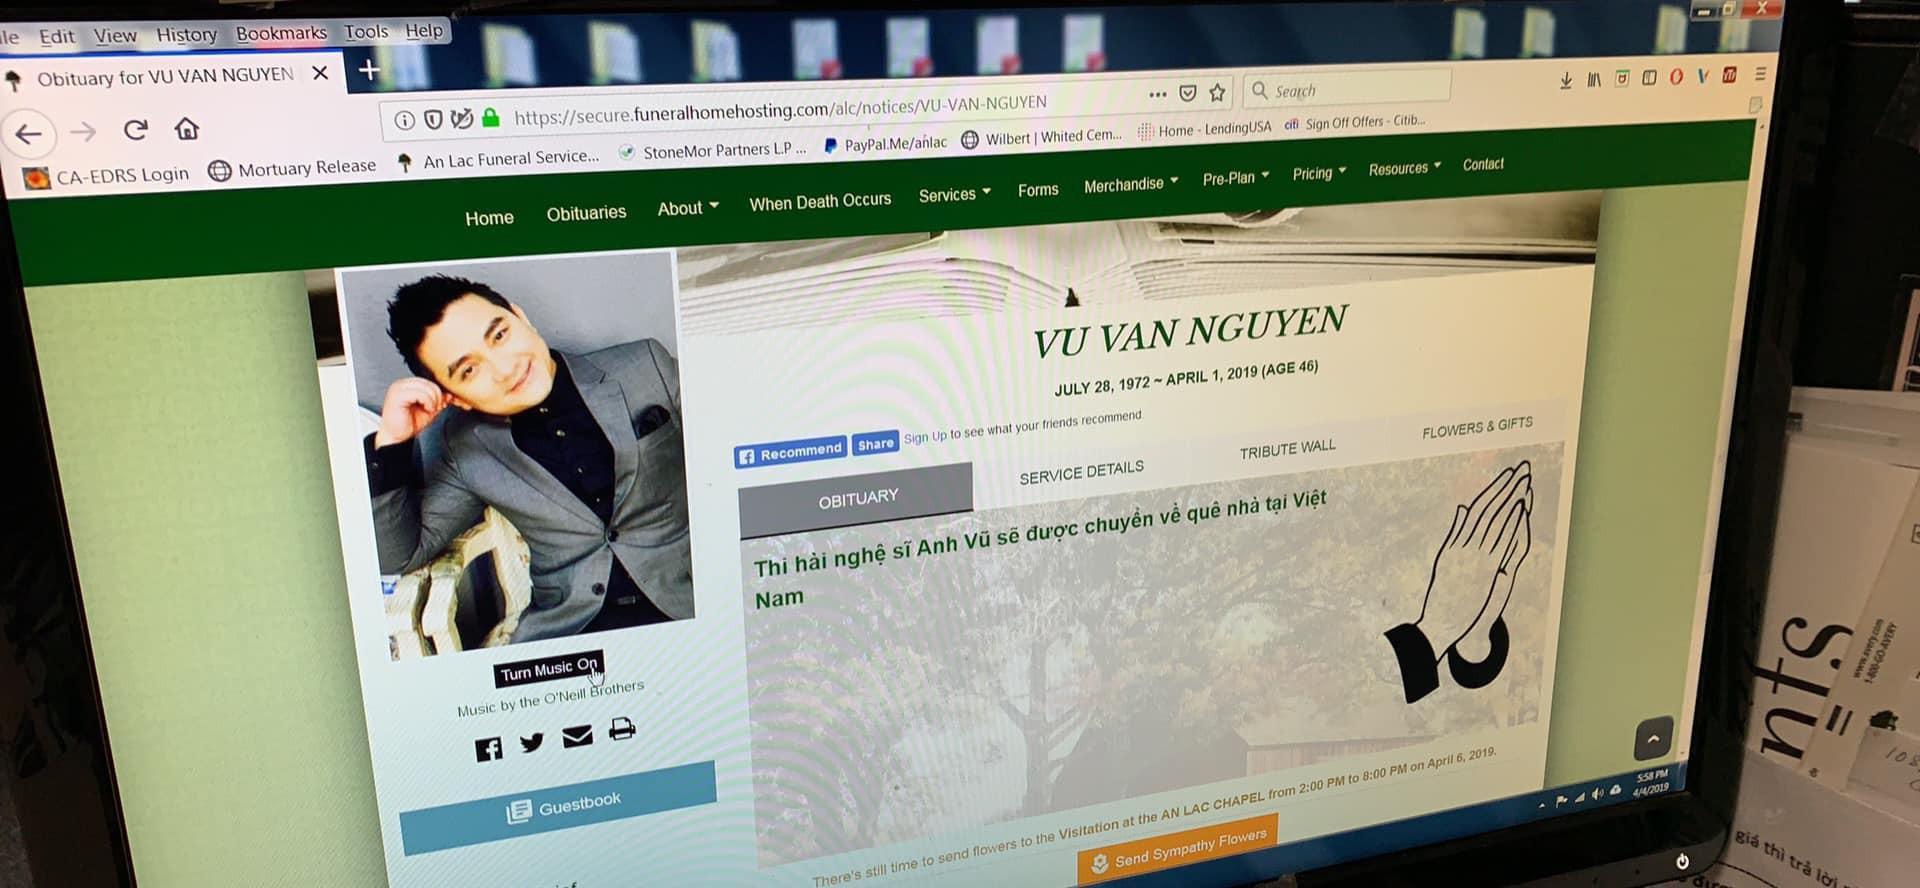 Thời gian tổ chức tang lễ tại Mỹ và đưa về Việt Nam an nghỉ của diễn viên Anh Vũ đã được thông báo - Ảnh 2.